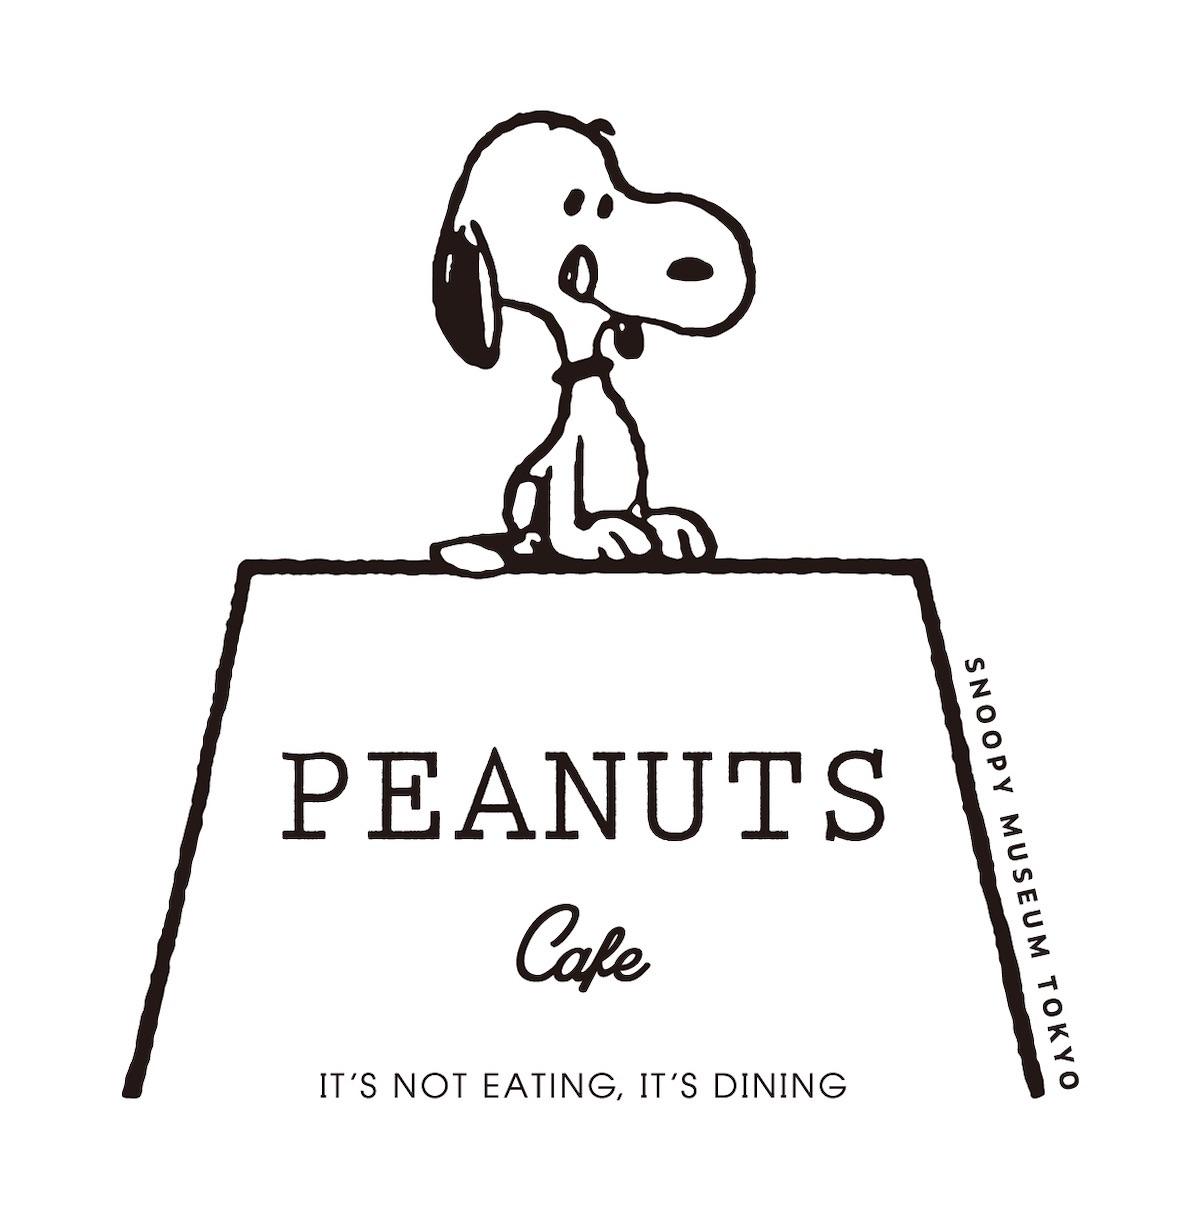 「PEANUTS Cafe スヌーピーミュージアム」オープンのお知らせ